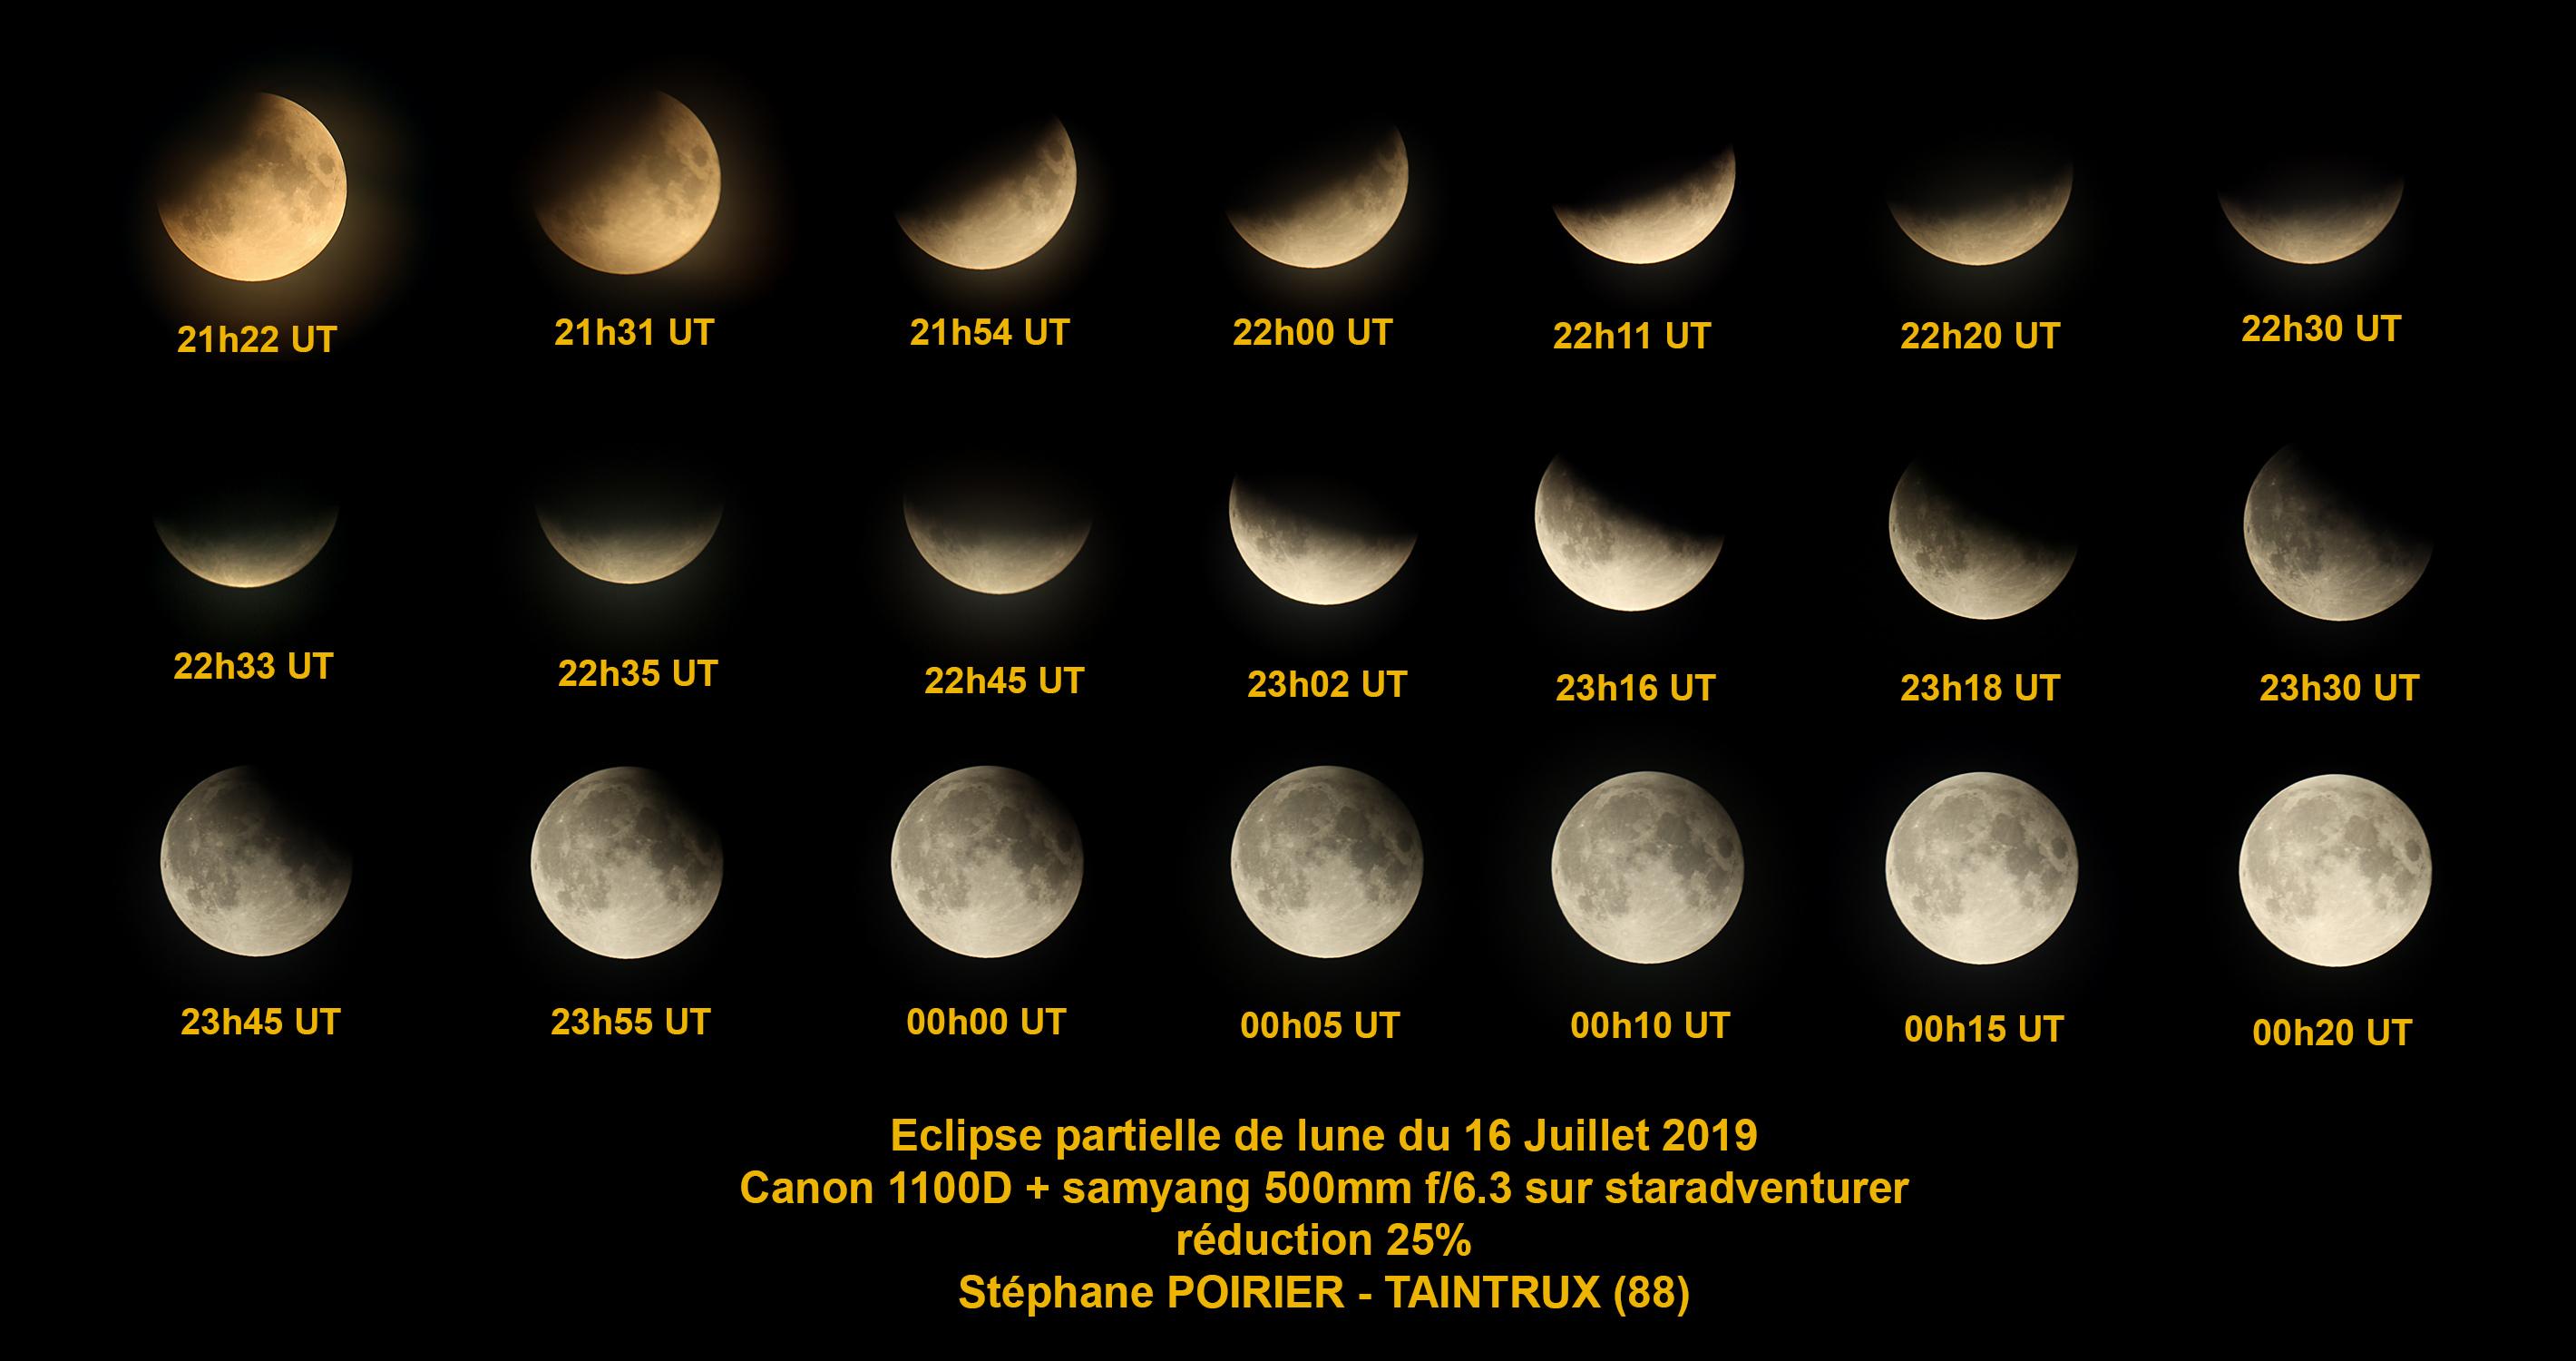 20190716-21h20UT-eclipse-lune-1100D-500mm-f6.3-SP-r25